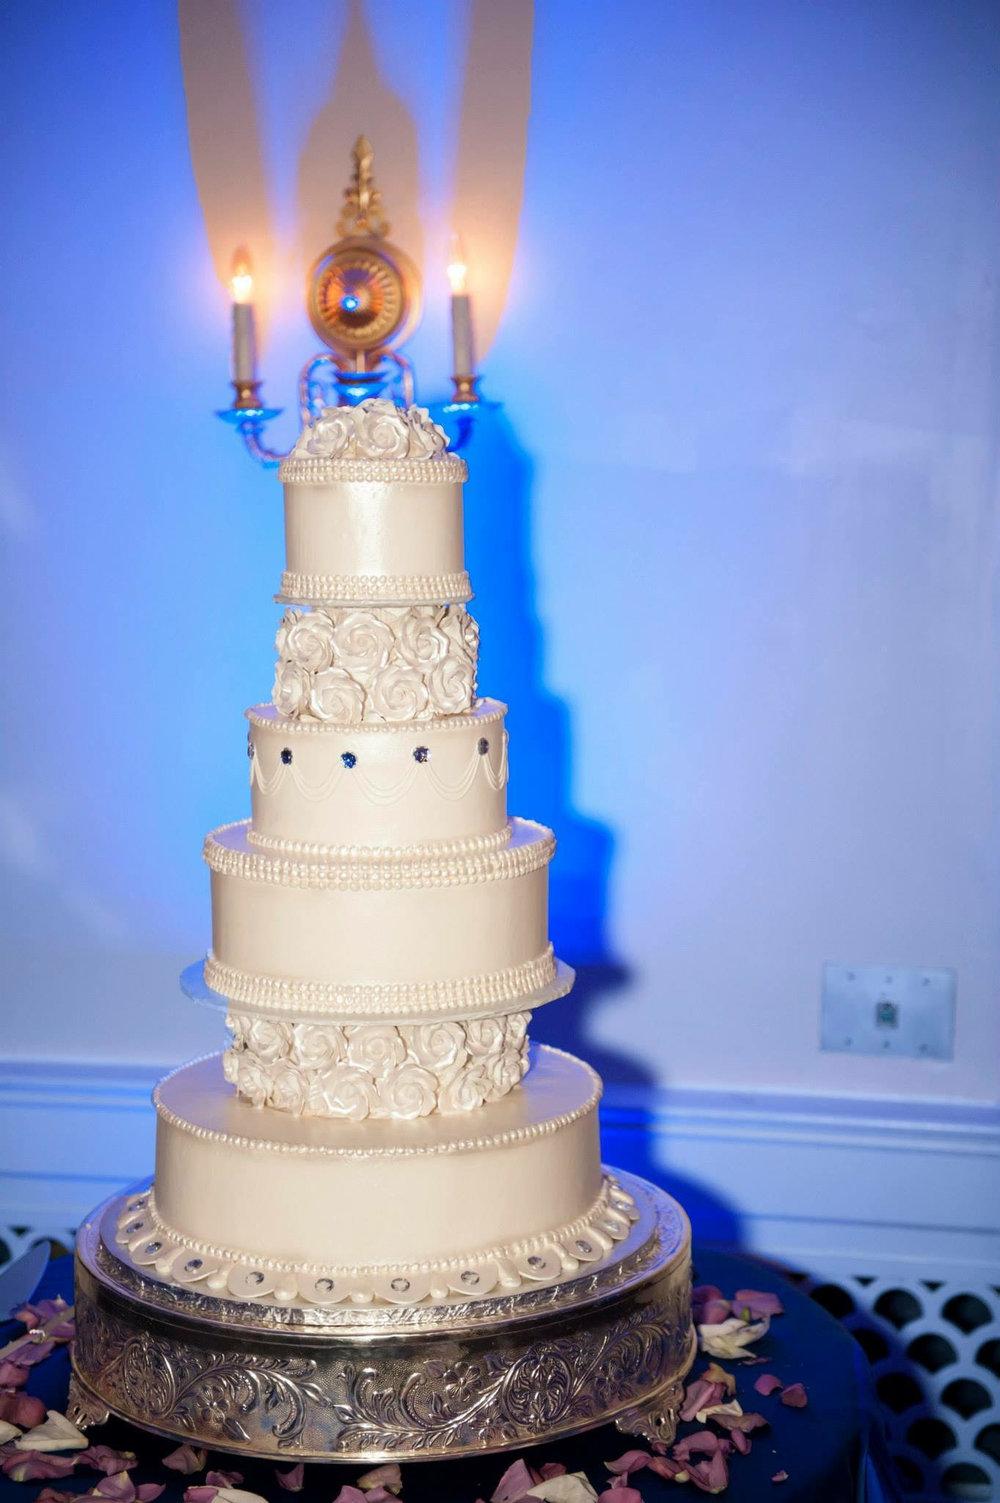 pa-wedding-cakes-52.jpg